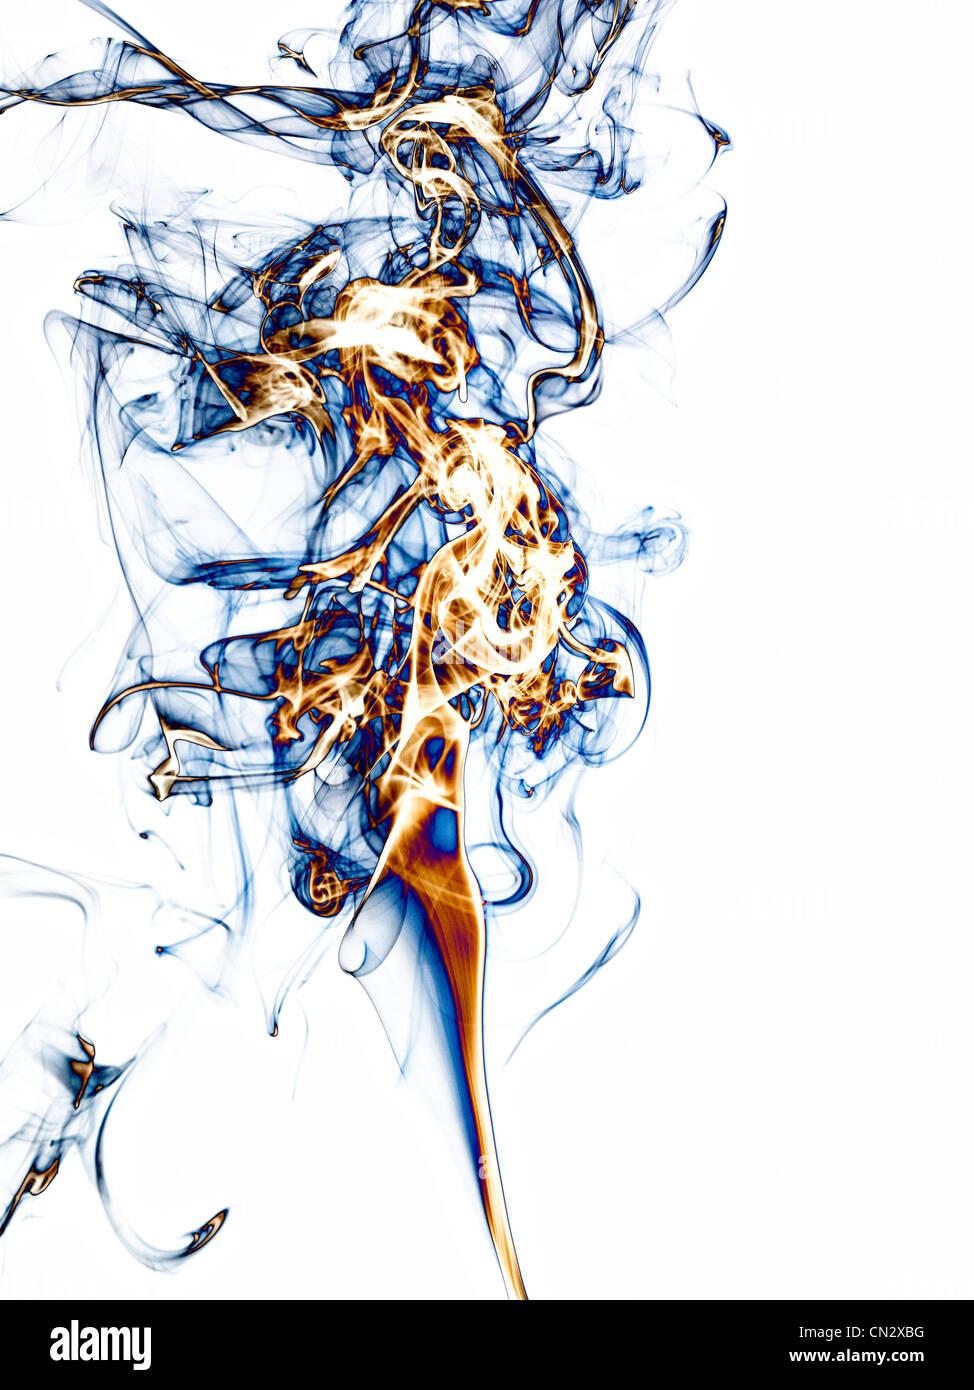 Rauchen auf weißem Hintergrund Stockbild